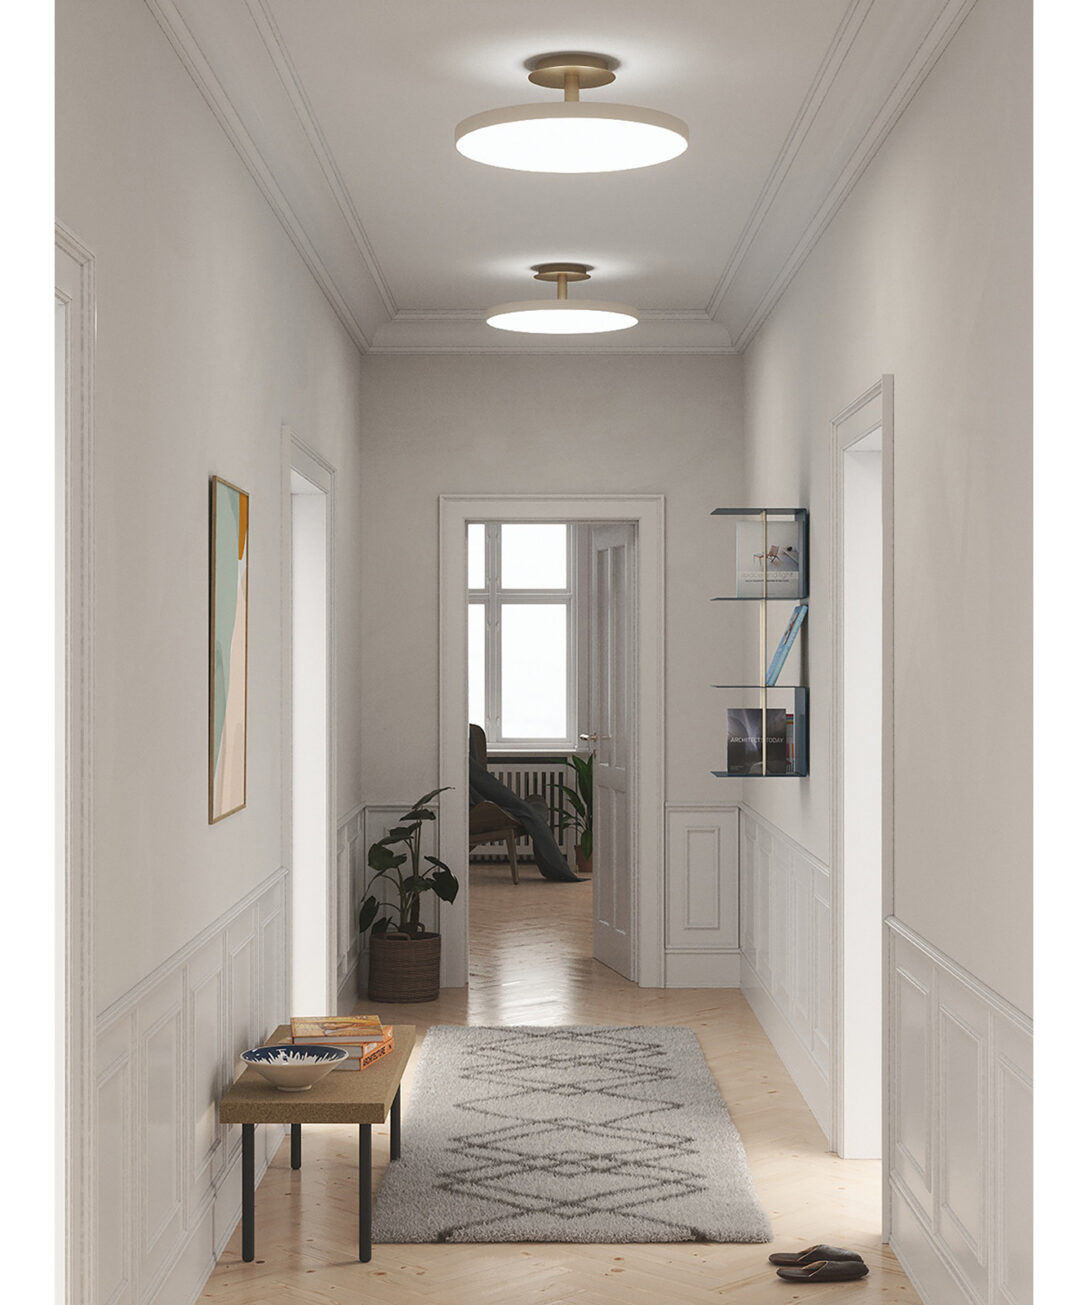 Large Size of Küche Kochinsel Wohnzimmer Stehlampe Bad Lampen Led Deckenlampe Schlafzimmer Lampe Badezimmer Decke Betten überlänge Esstisch Sofa überzug Hängelampe Wohnzimmer Lampe über Kochinsel